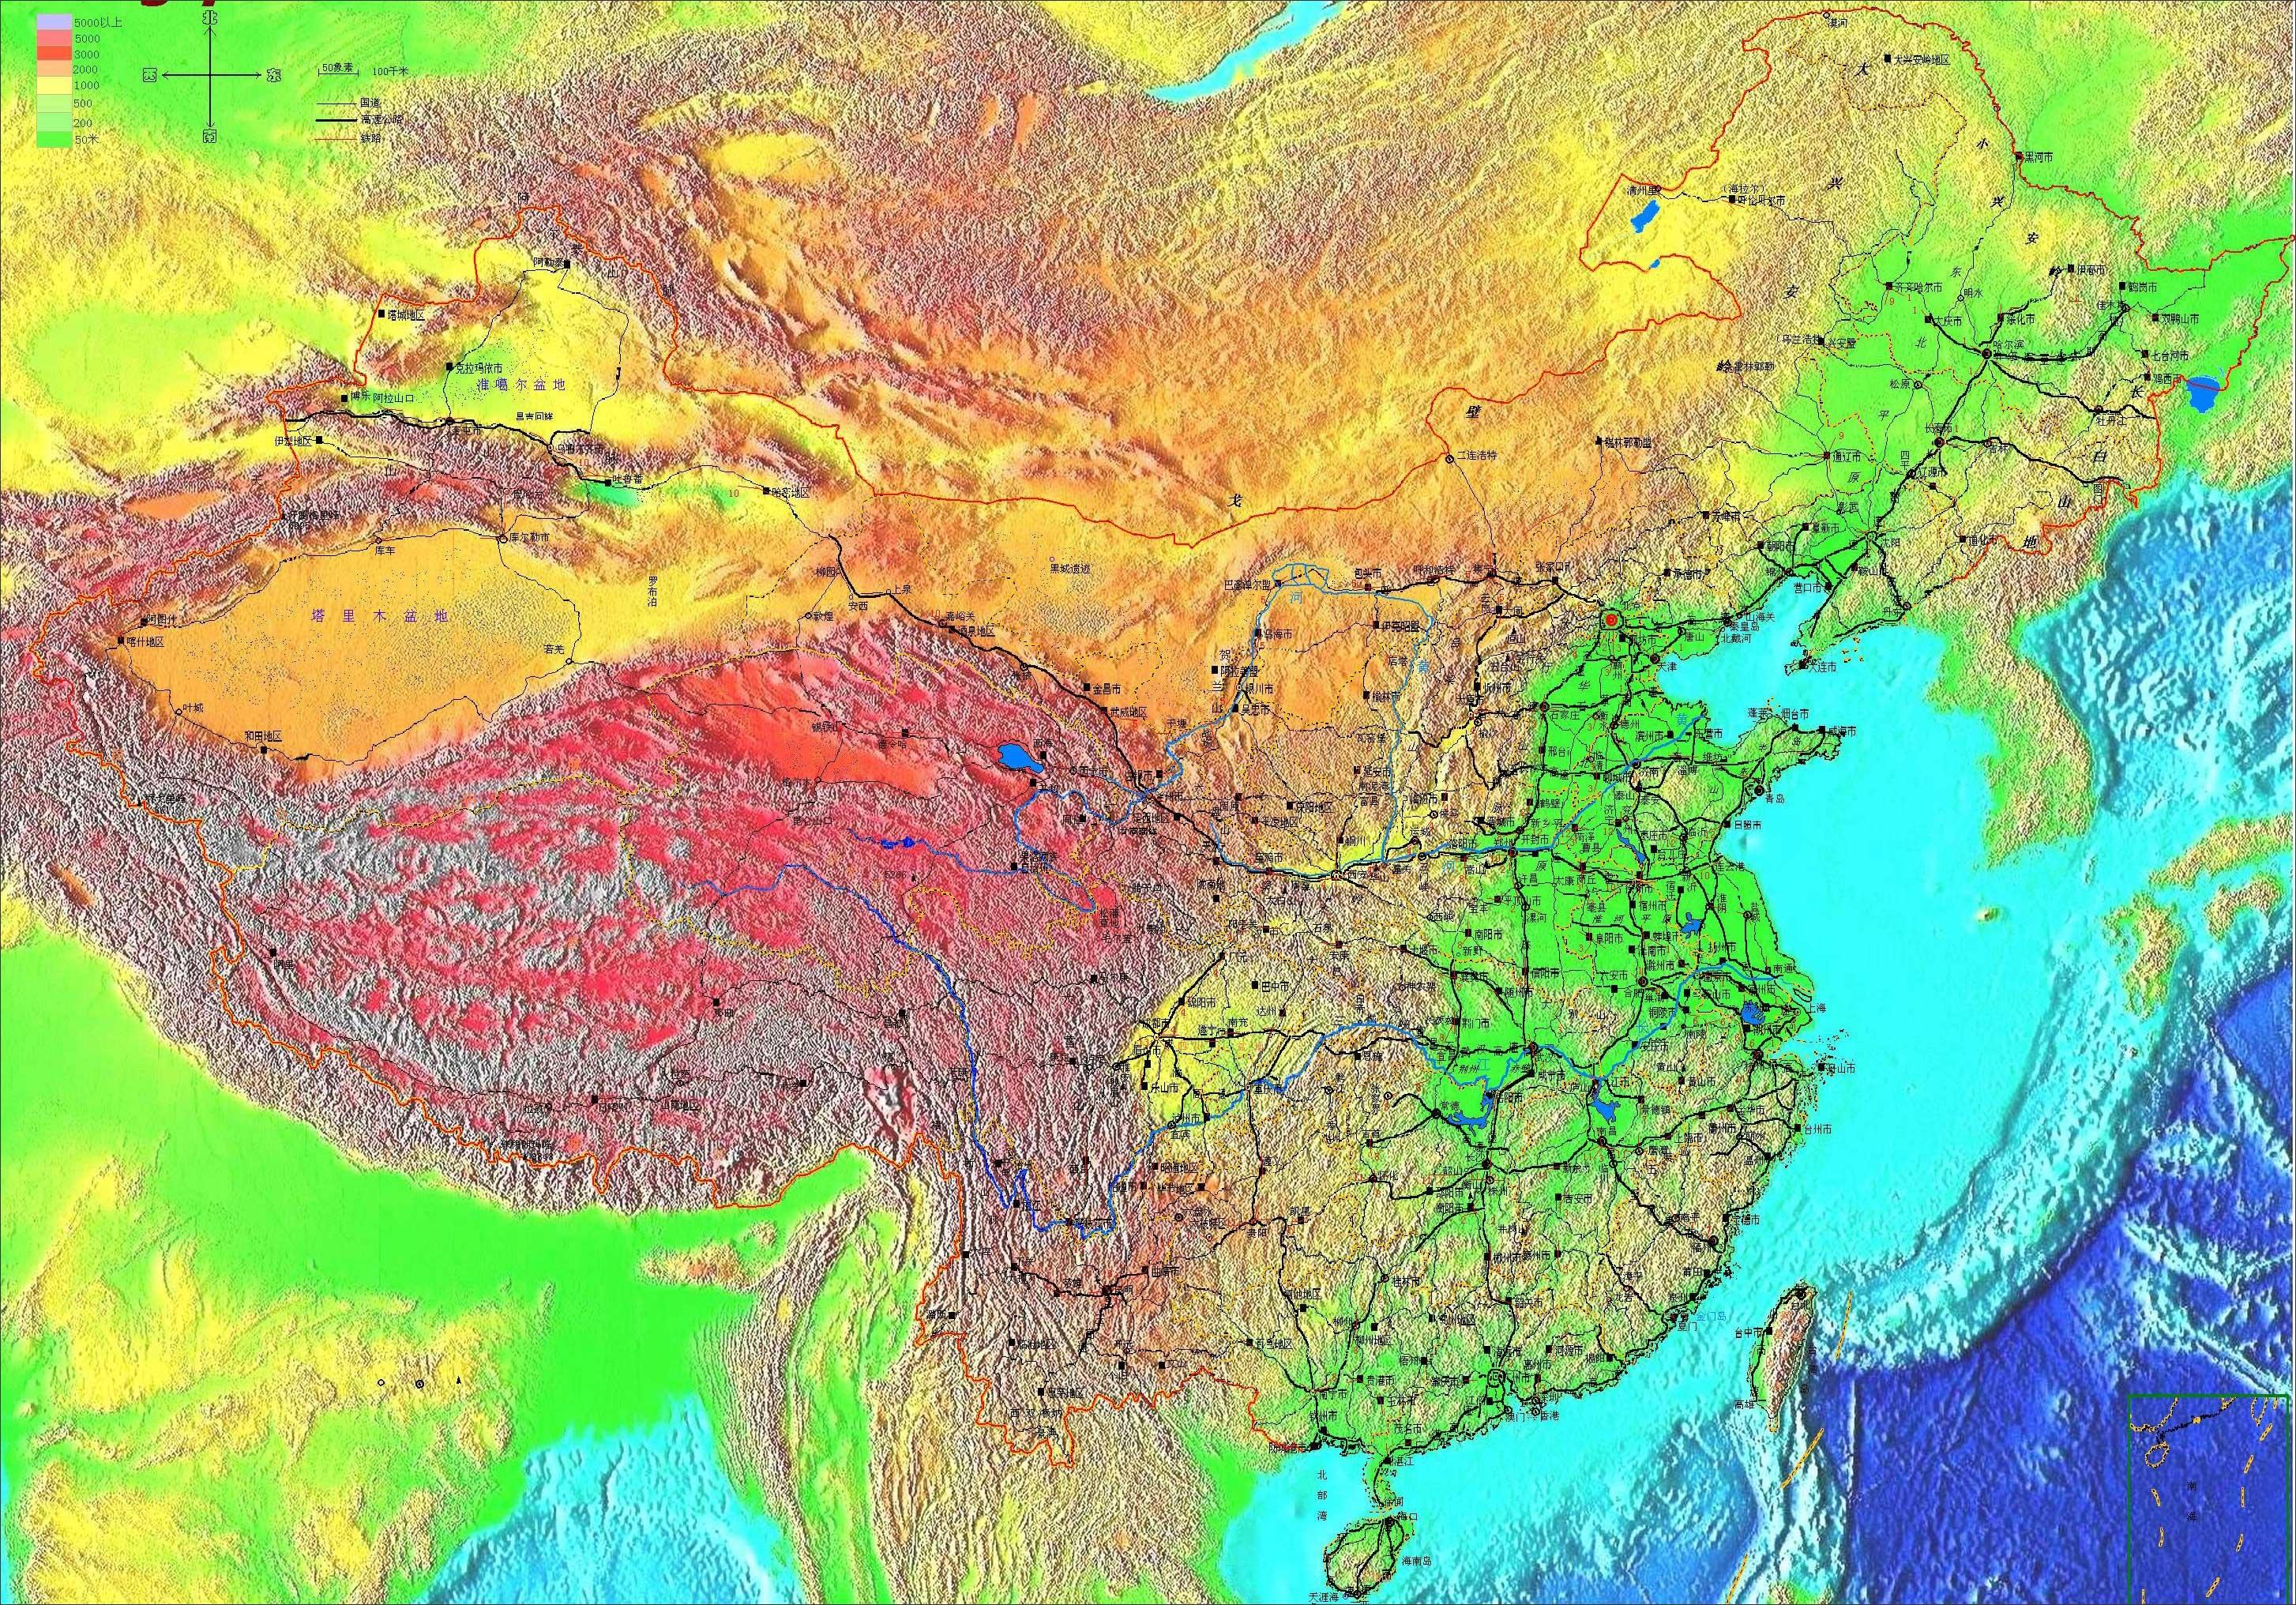 中国 |  下一张地图: 中国行政简图及领土纠纷